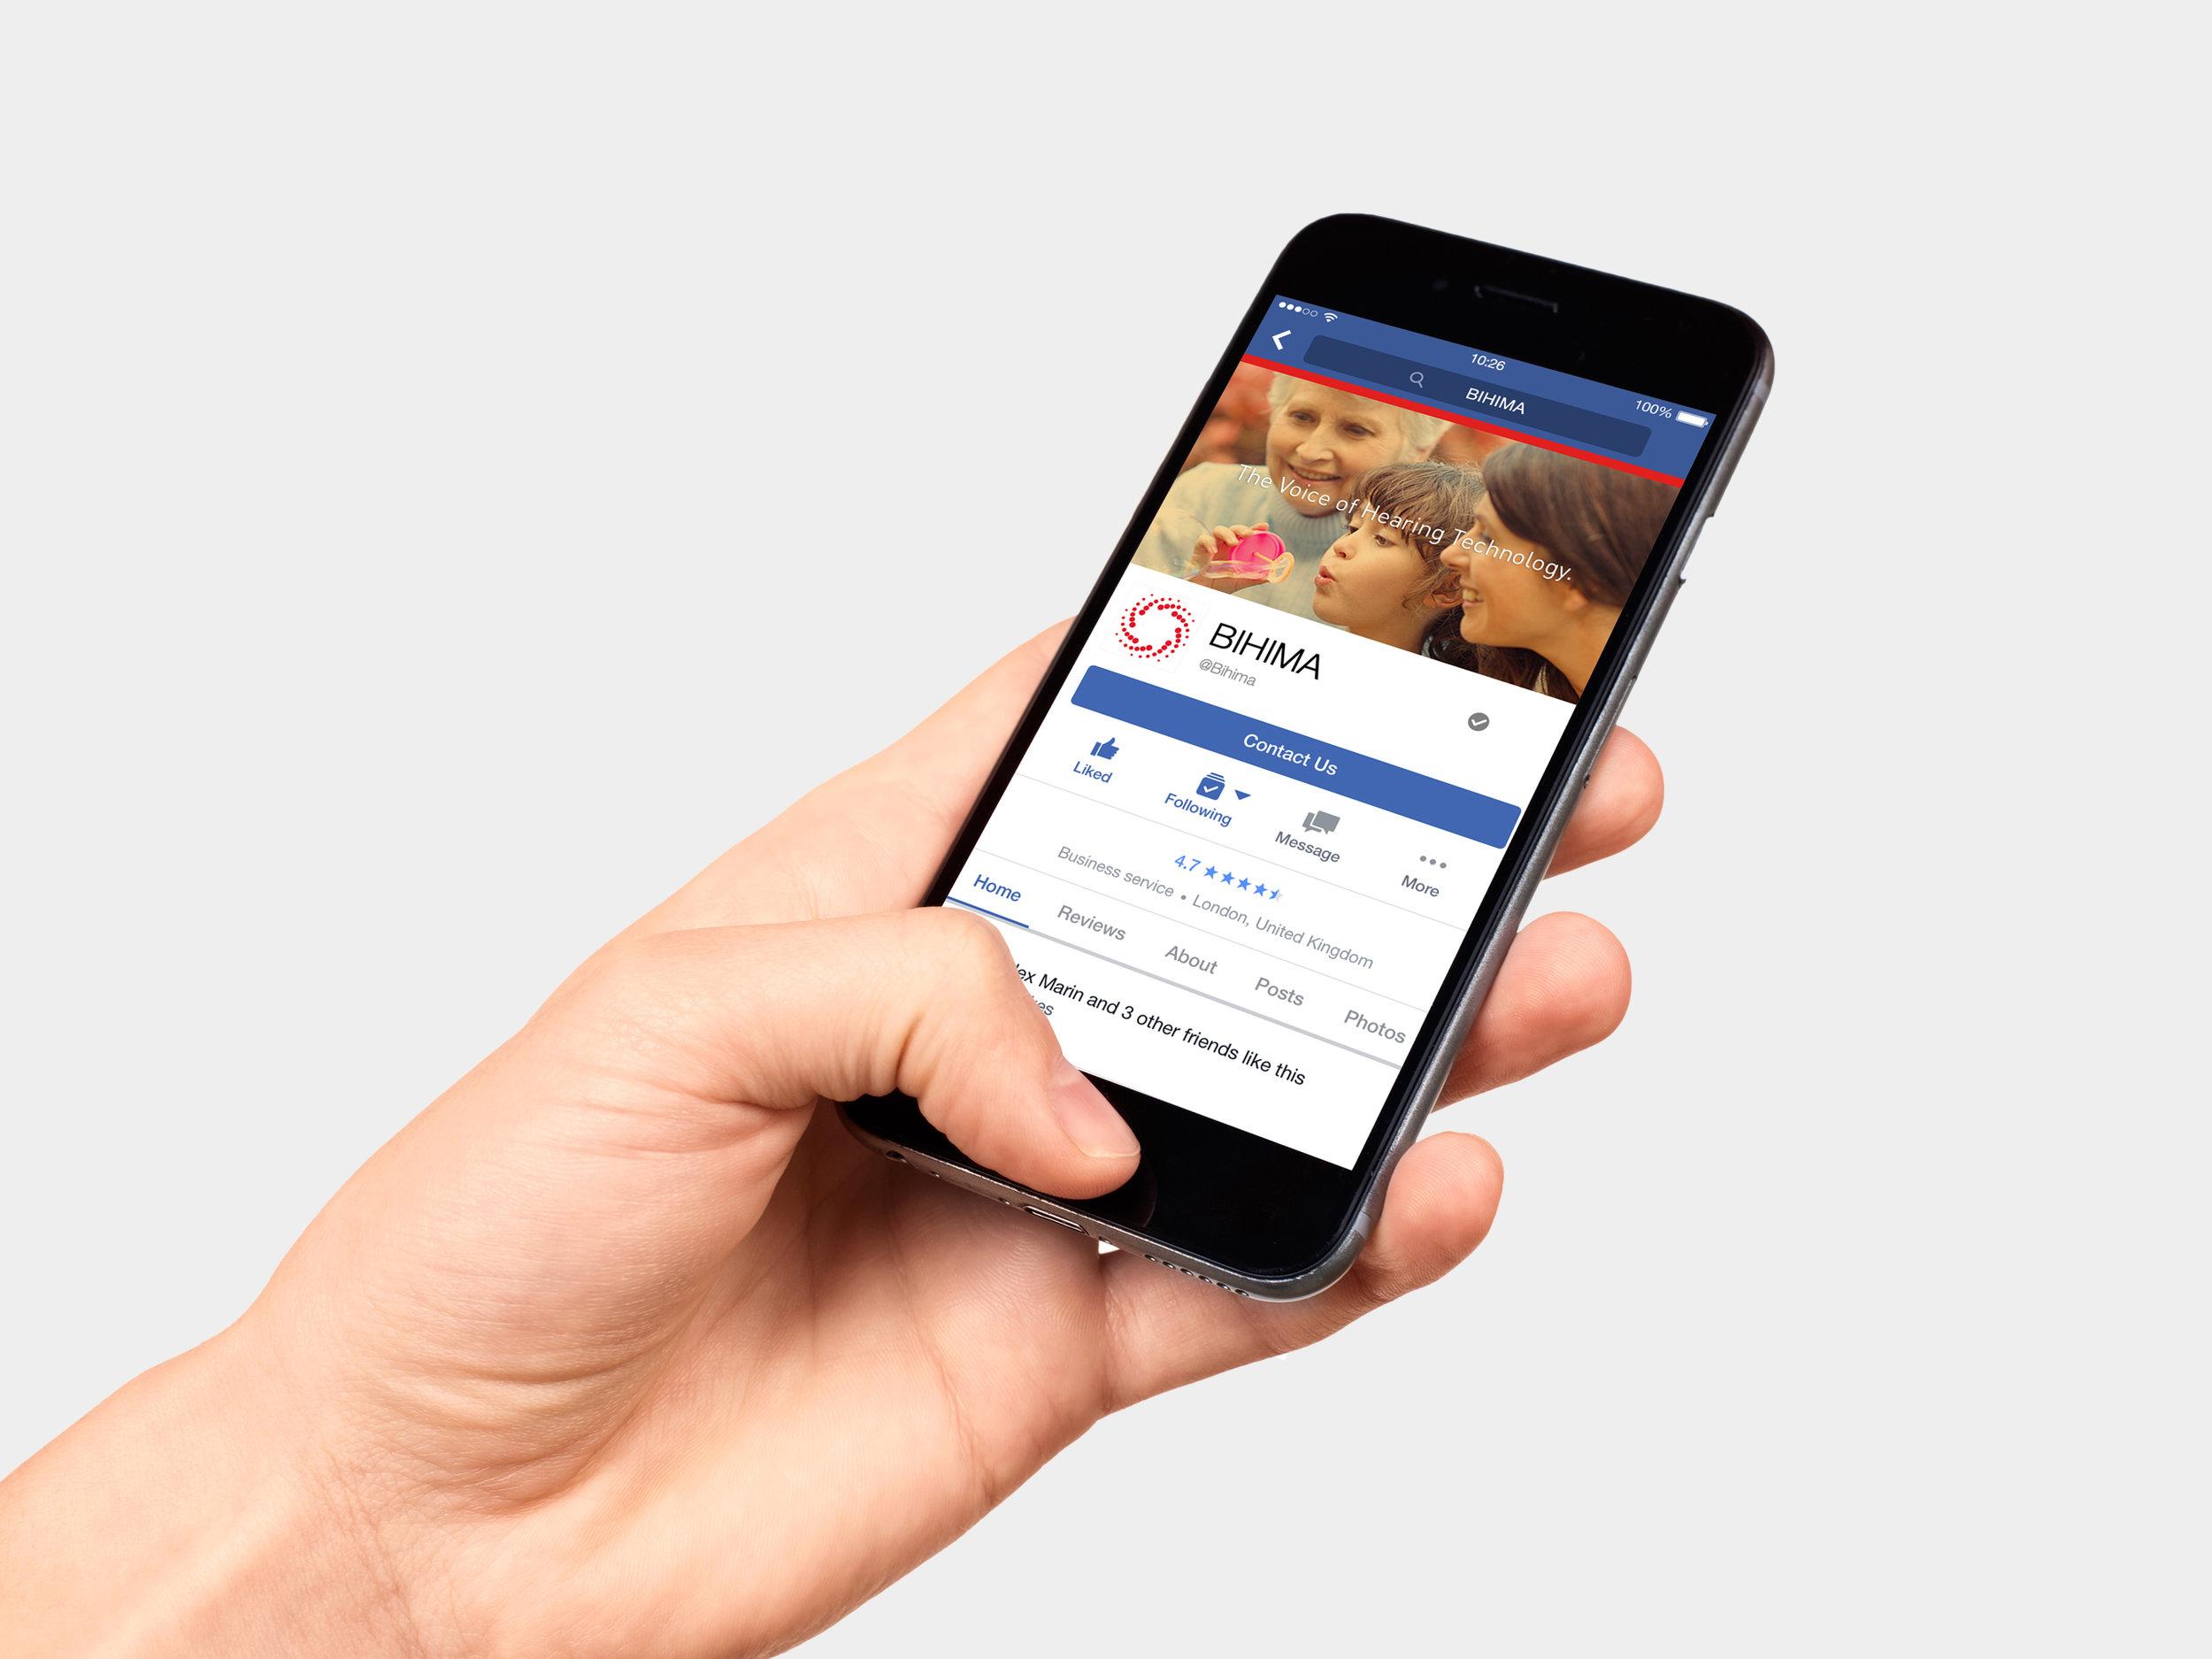 Bihima_Facebook_on_Iphone.jpg